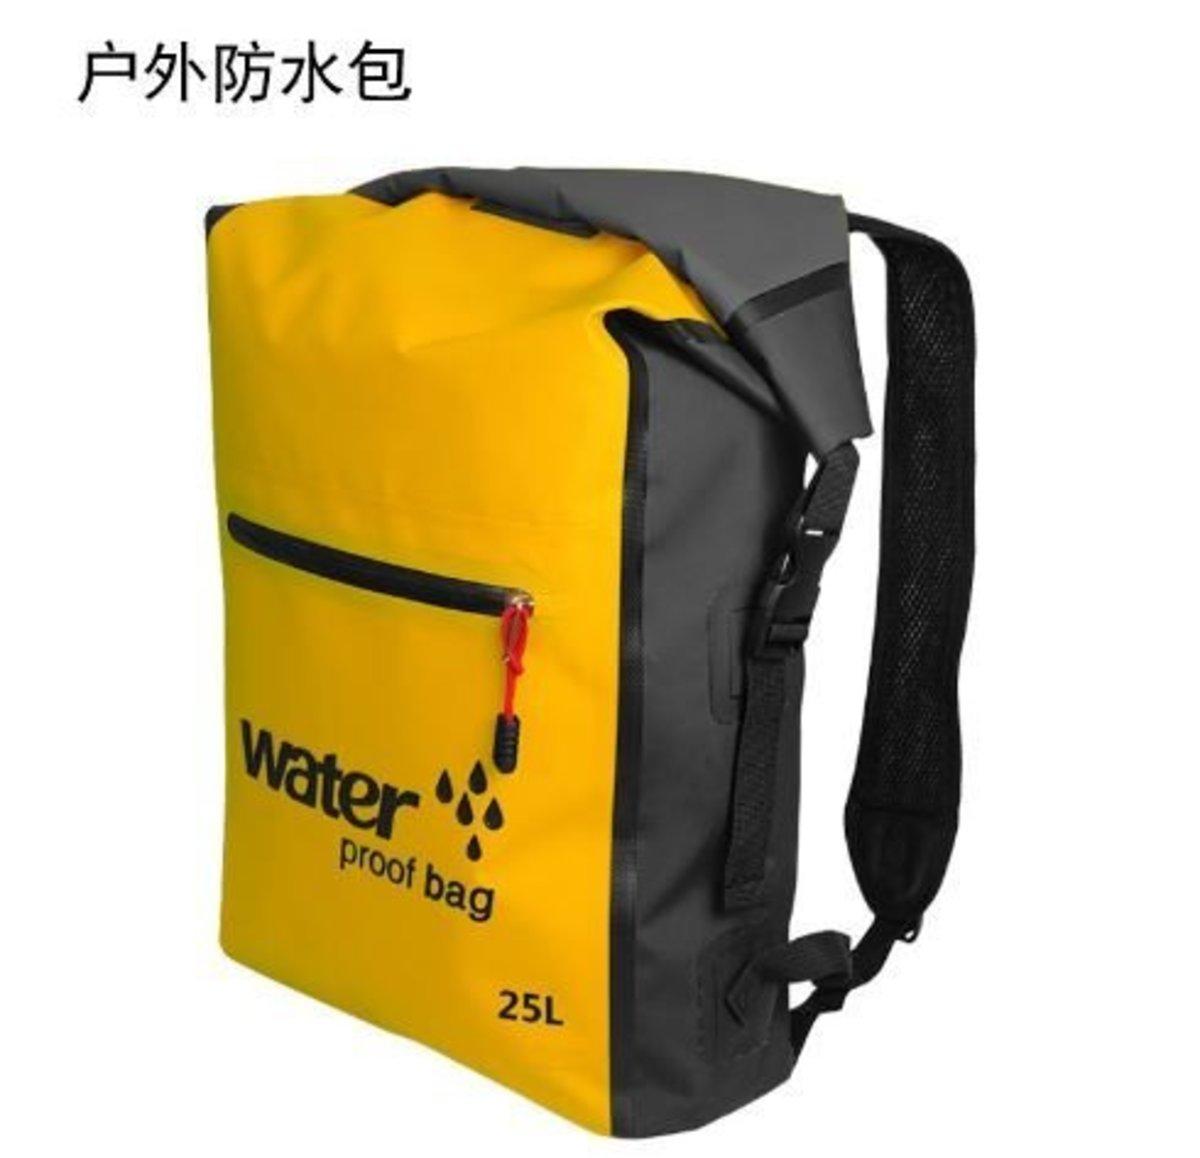 25L 戶外防水登山背包 (黃色)